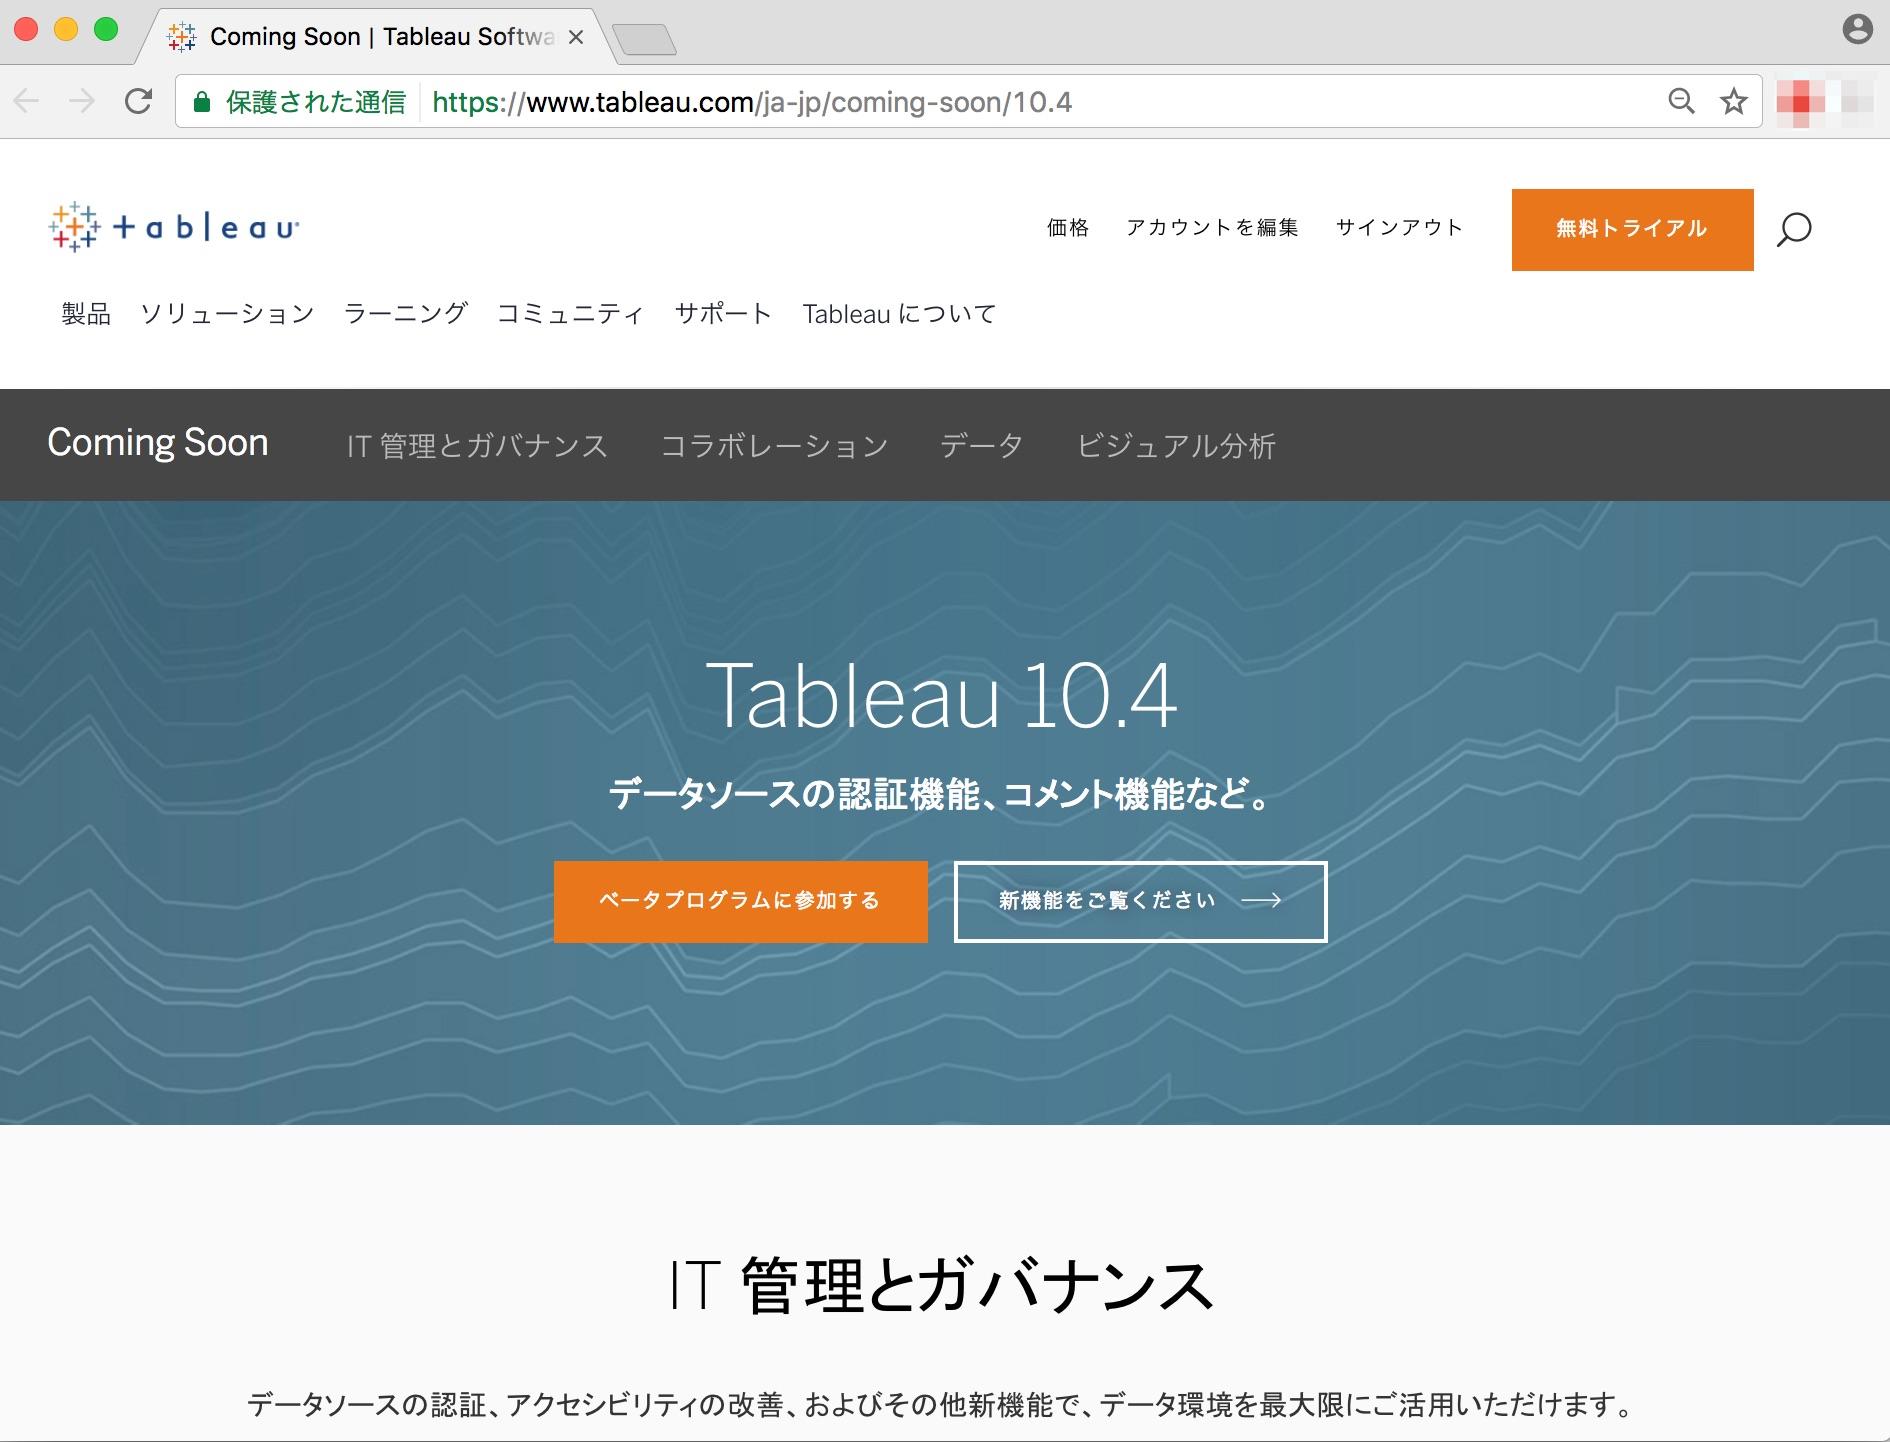 tableau-104-is-comming-soon